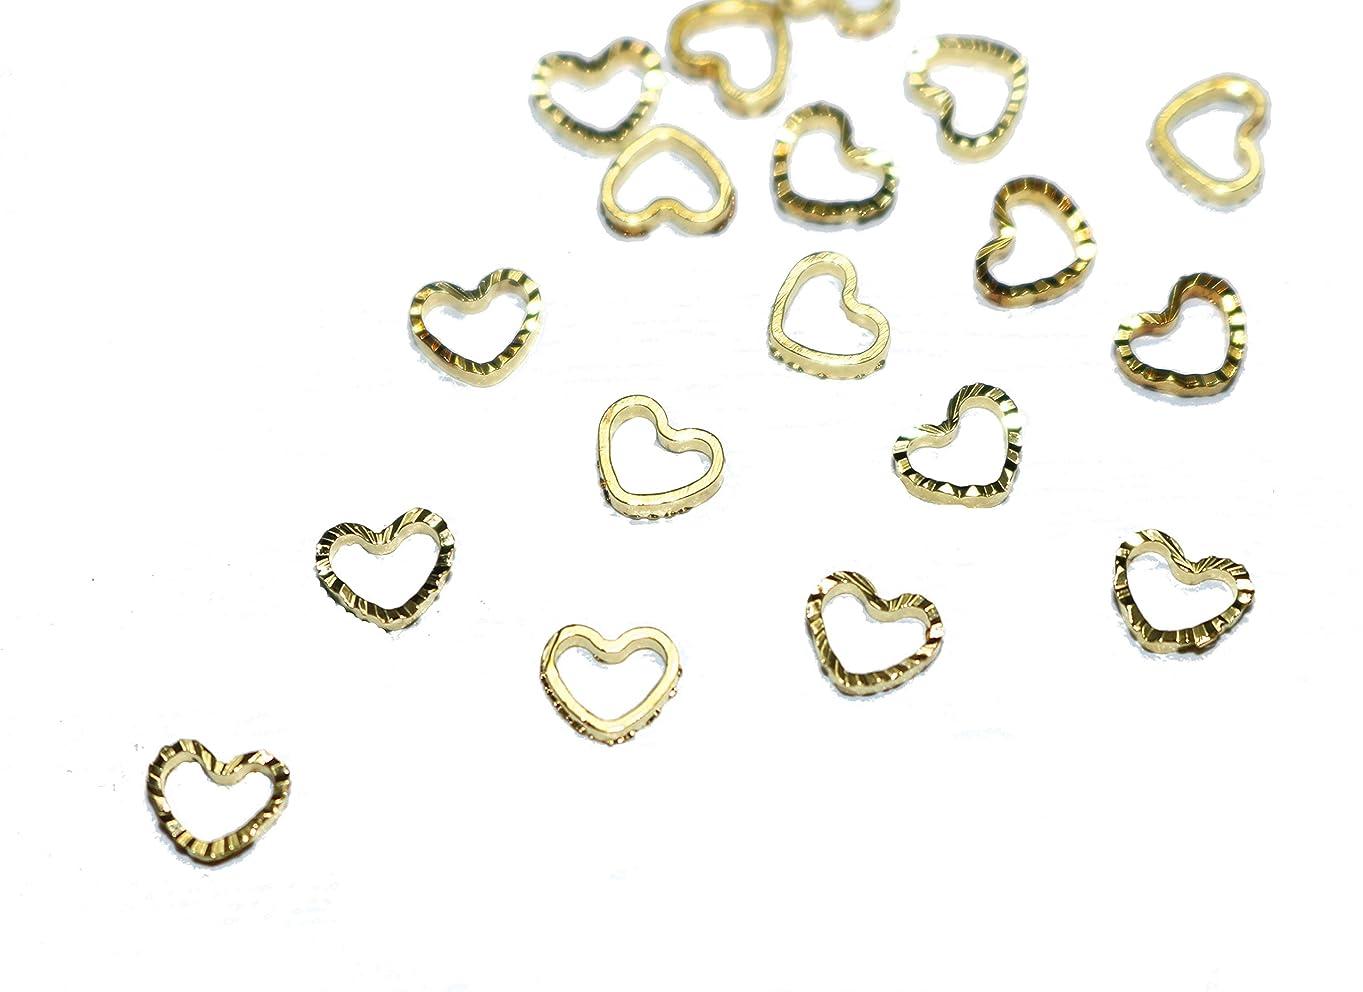 最大限国法律【jewel】ゴールド 立体メタルパーツ 10個入り ハート 型 直径4mm 幅5mm 厚み1mm 手芸 材料 レジン ネイルアート パーツ 素材